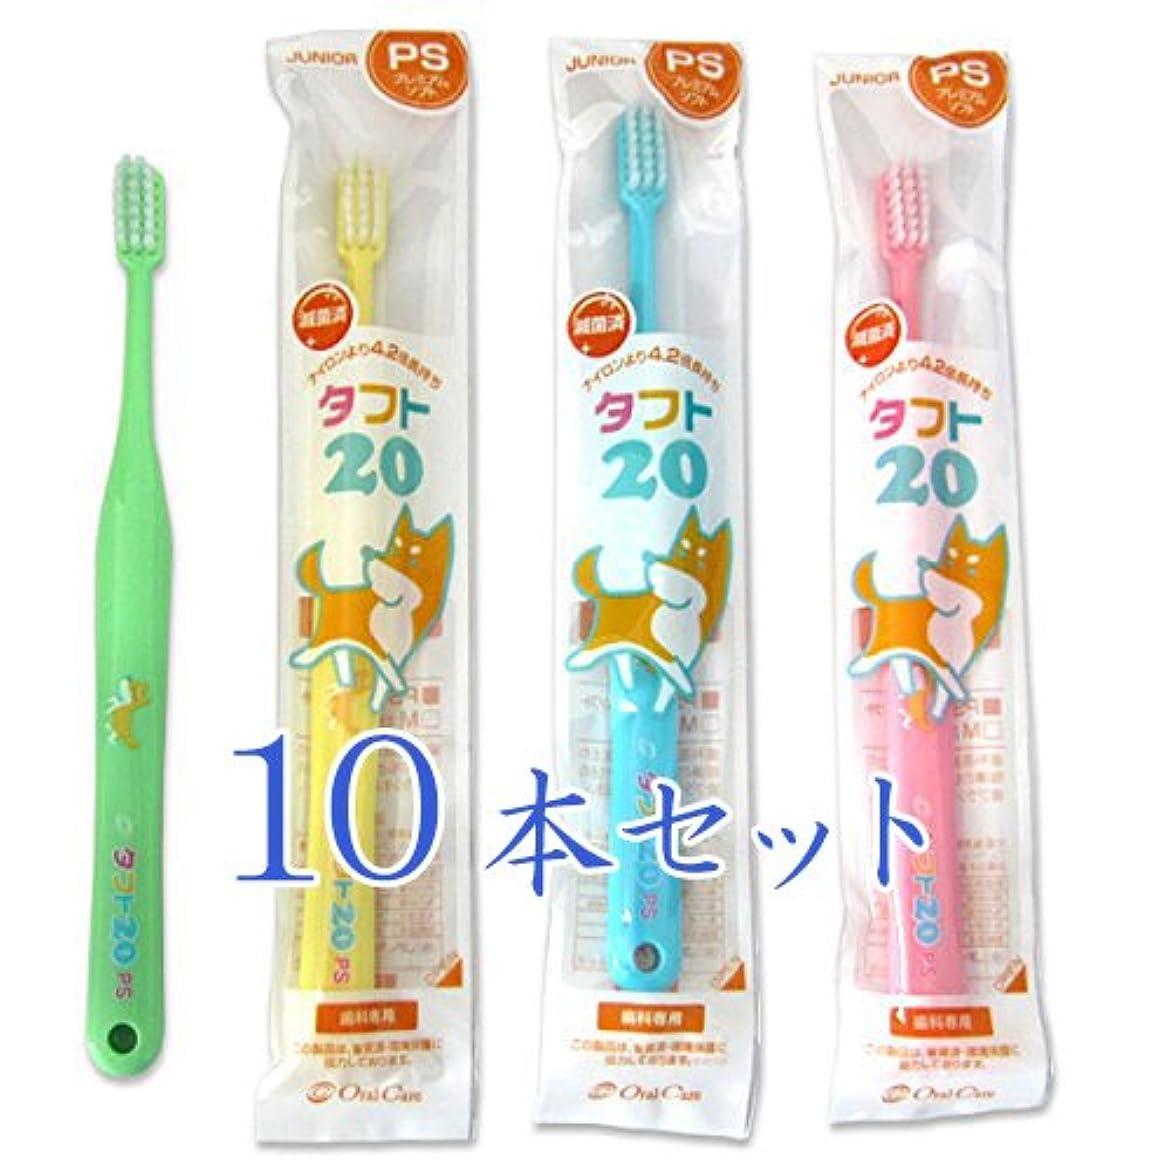 アレイリンケージ報奨金タフト20 PS プレミアムソフト 歯ブラシ混合歯列期用(6~12歳)×10本セット